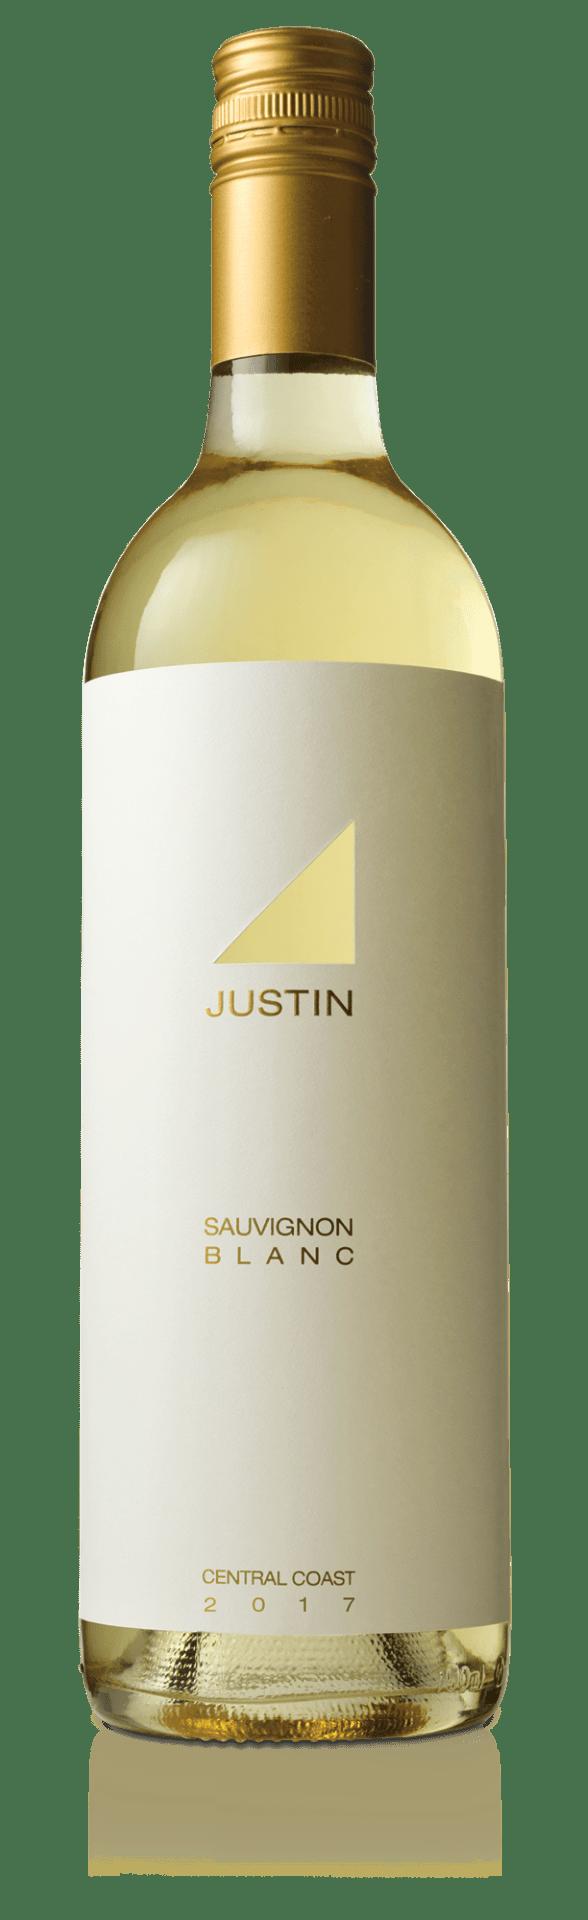 2017 Justin Sauvignon Blanc Central Coast